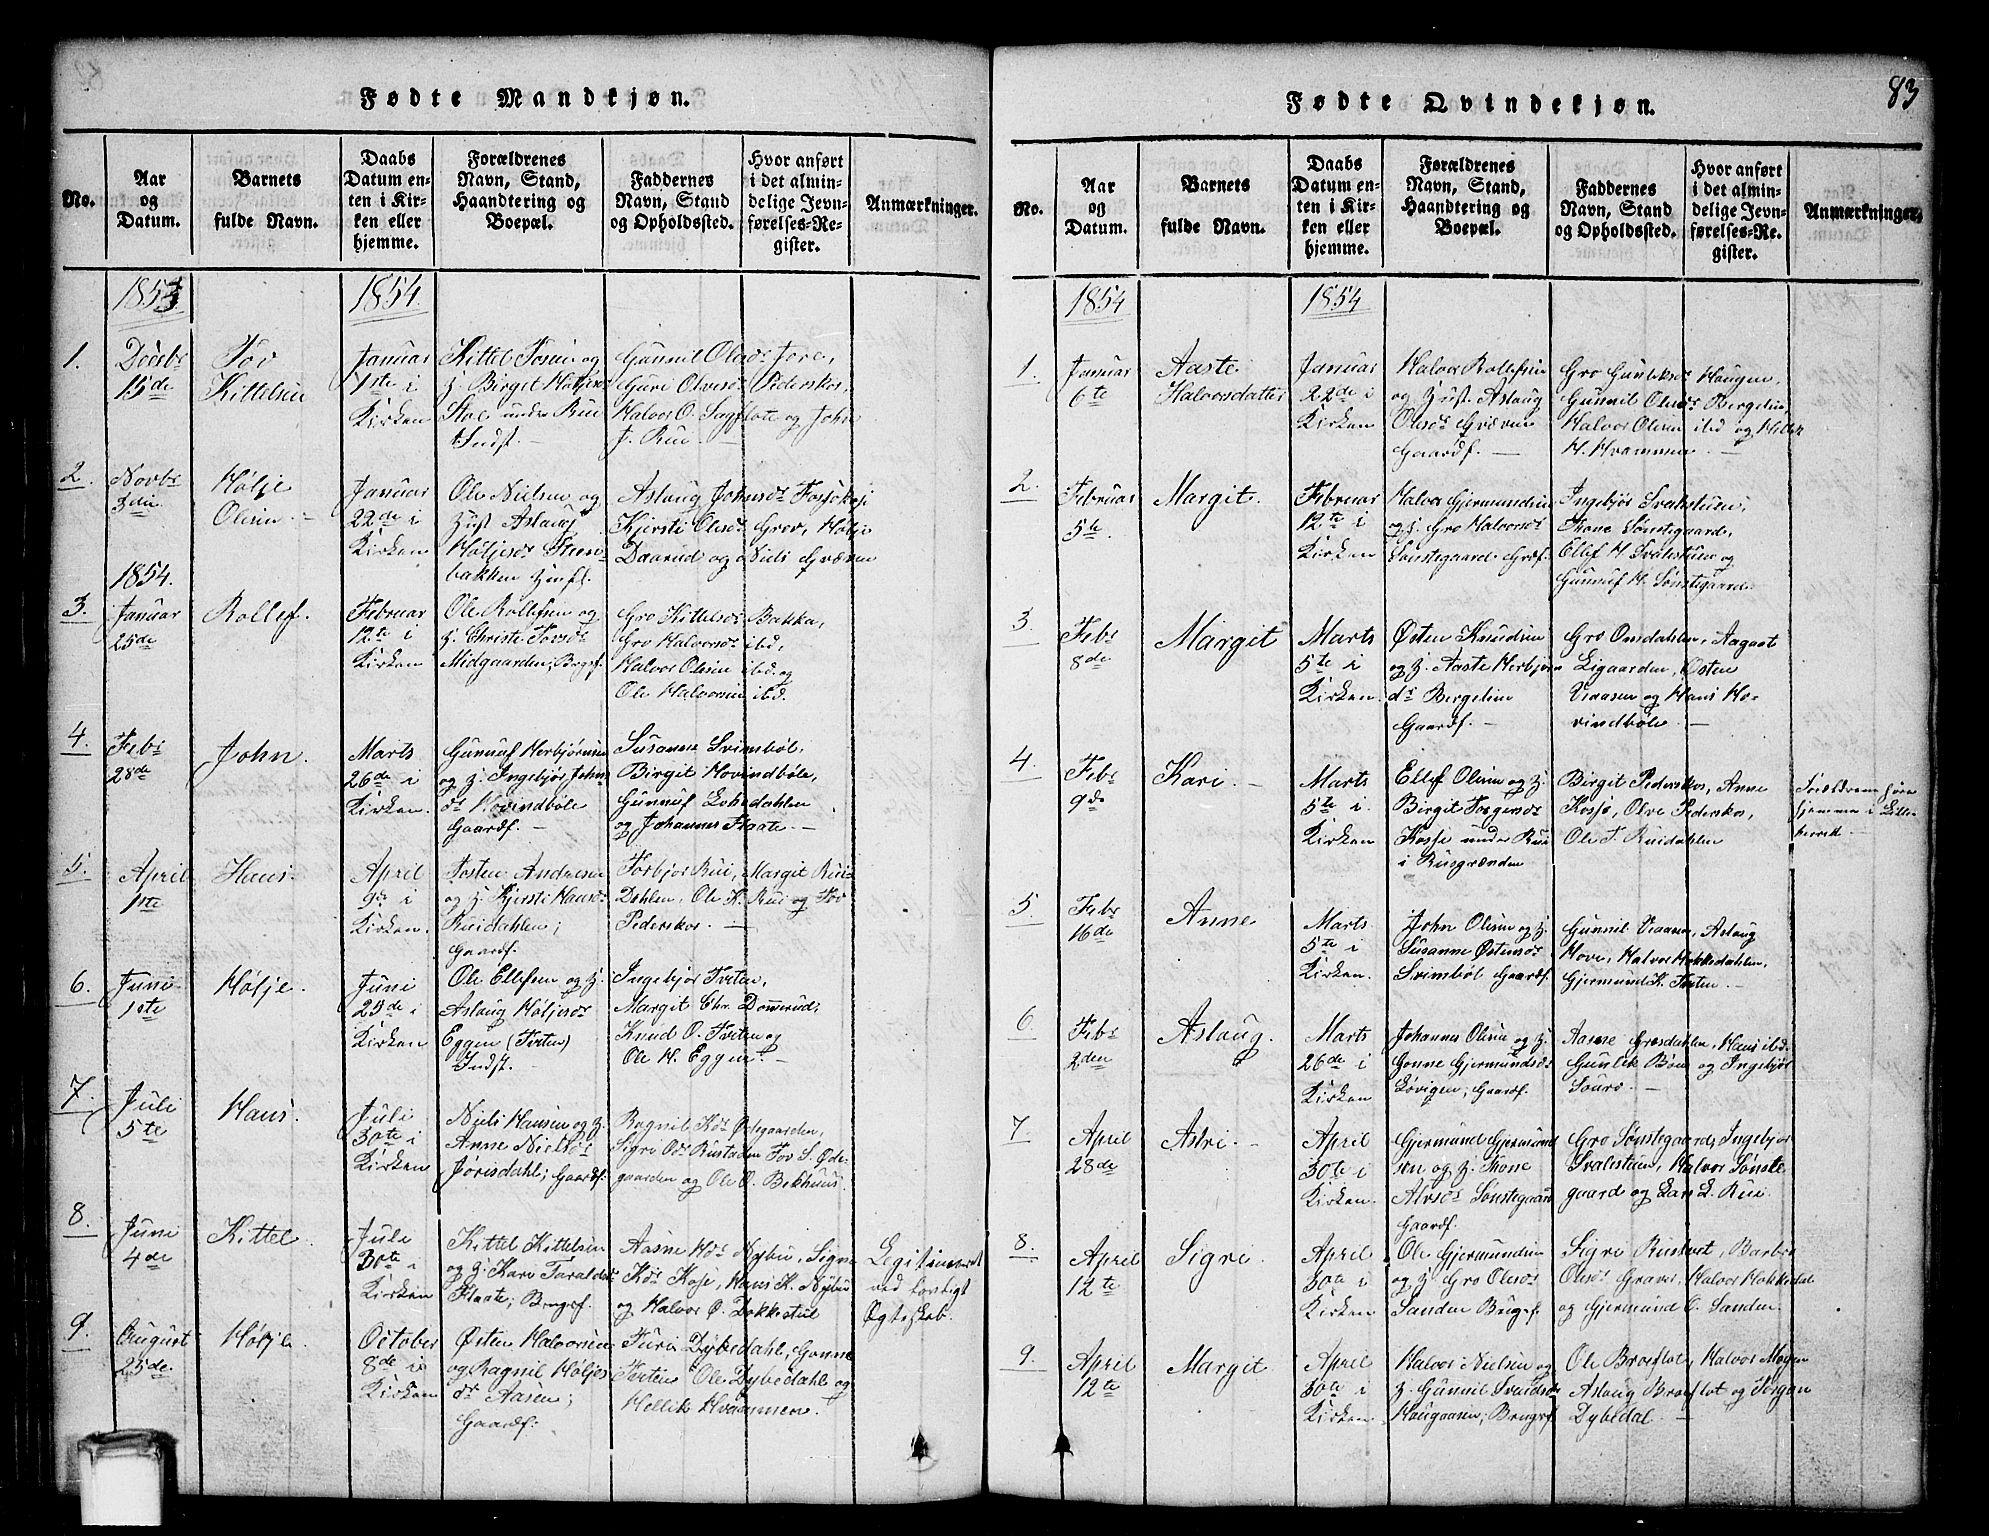 SAKO, Gransherad kirkebøker, G/Gb/L0001: Klokkerbok nr. II 1, 1815-1860, s. 83